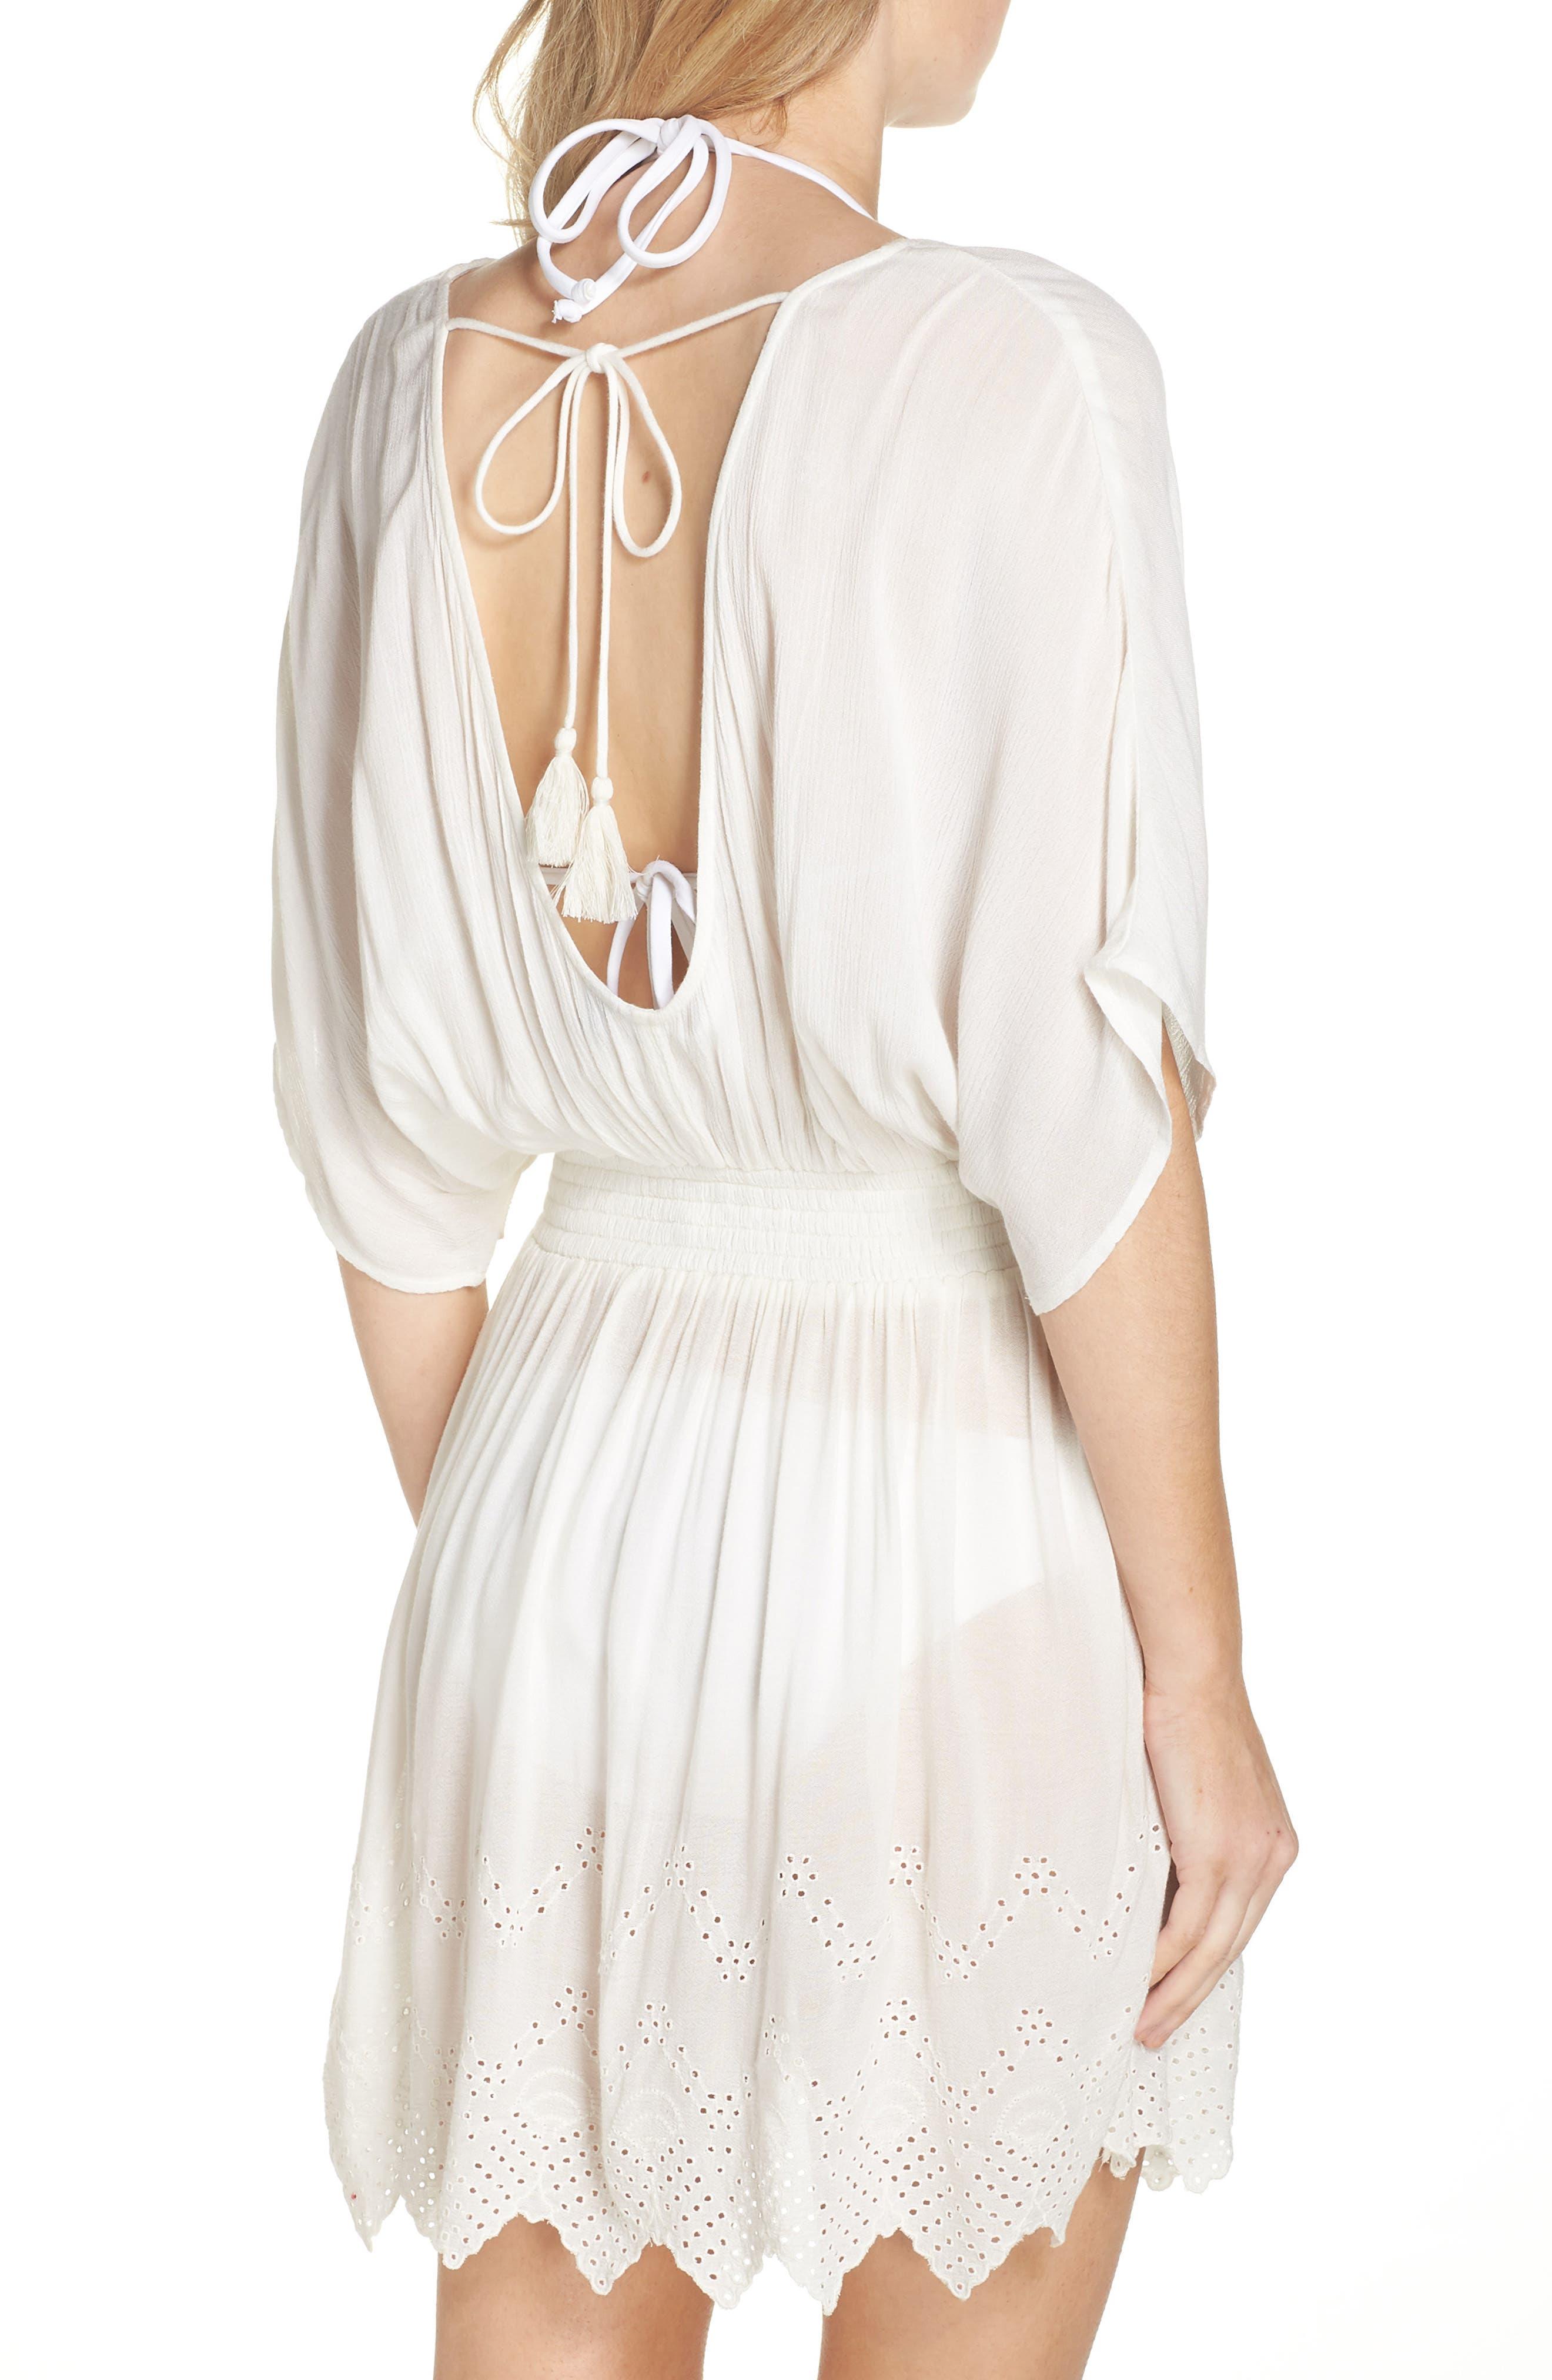 Goddess Cover-Up Dress,                             Alternate thumbnail 2, color,                             IVORY EGRET